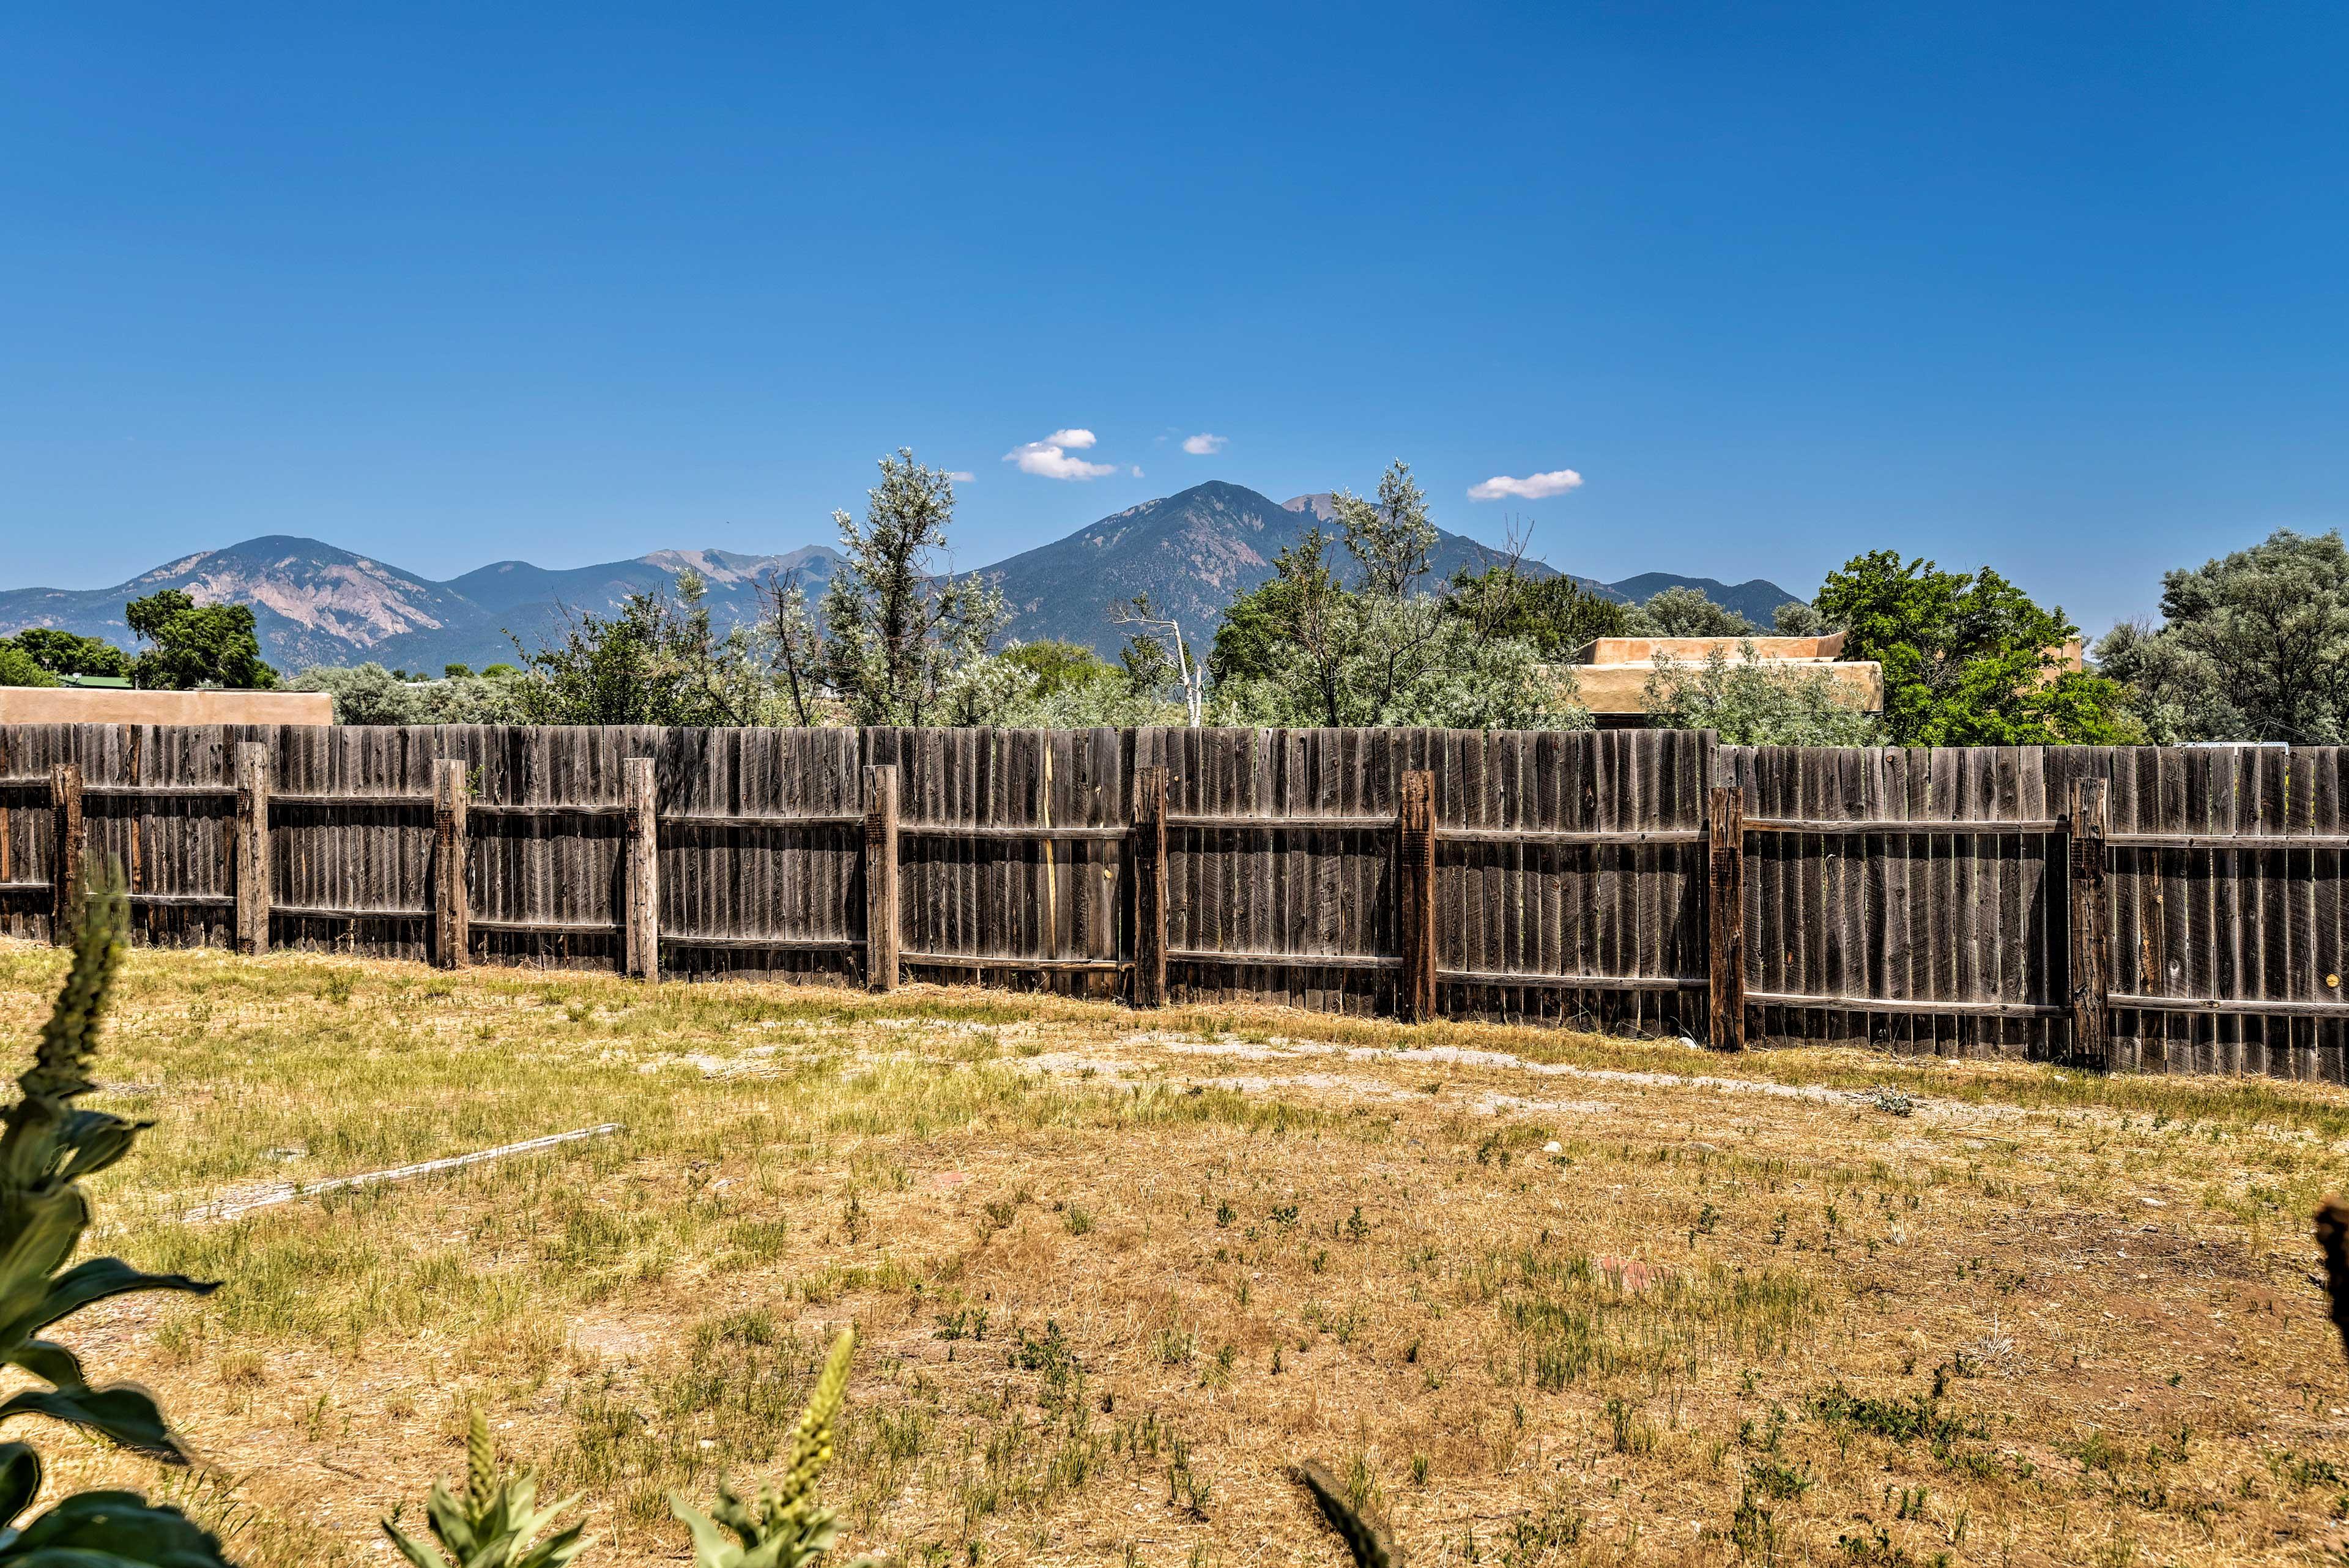 Take in spectacular views of the Taos Mountain Range.